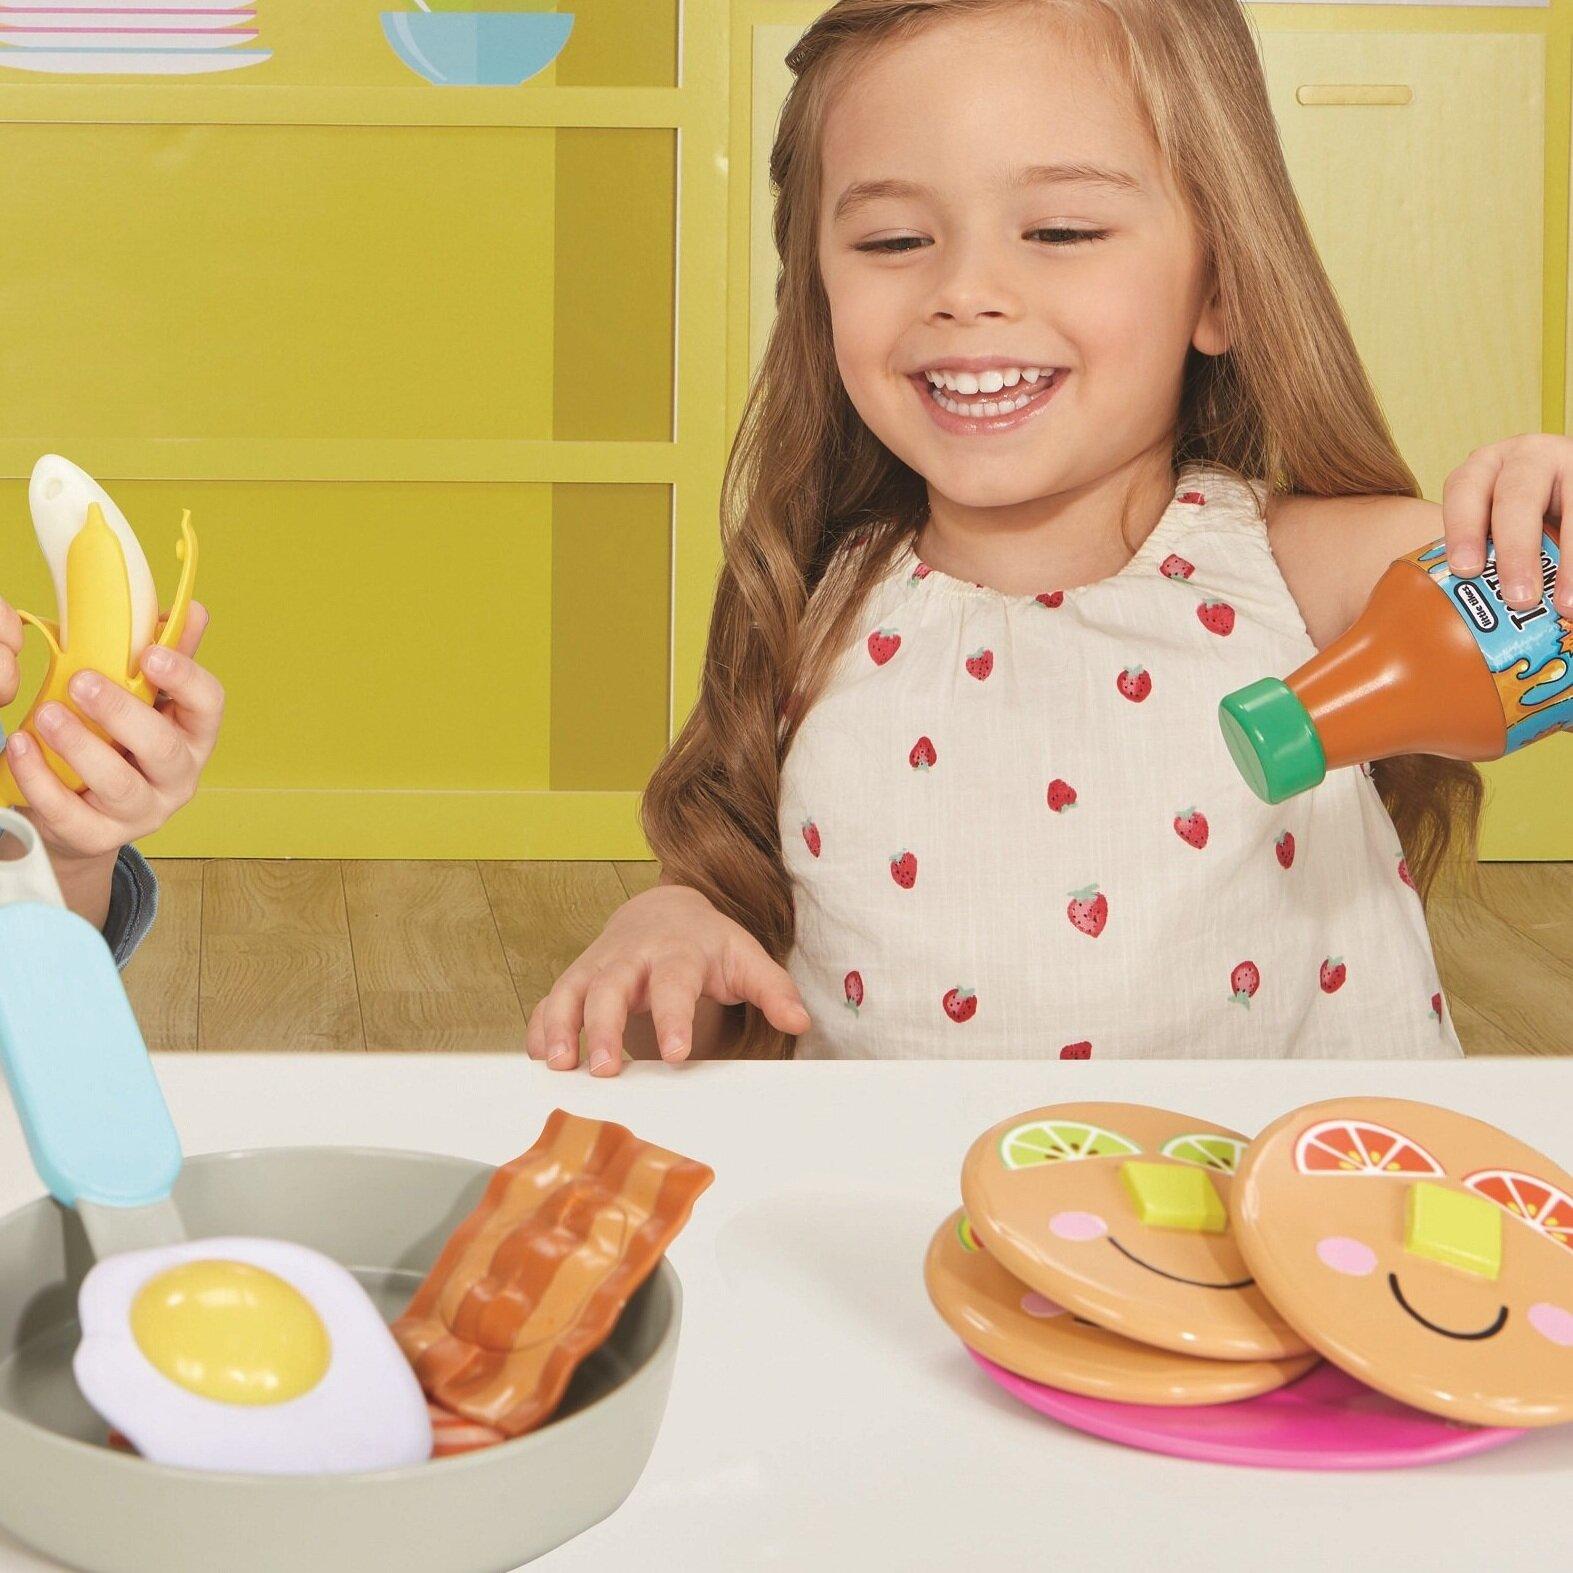 Bake 'n Share Breakfast Set - $14.99